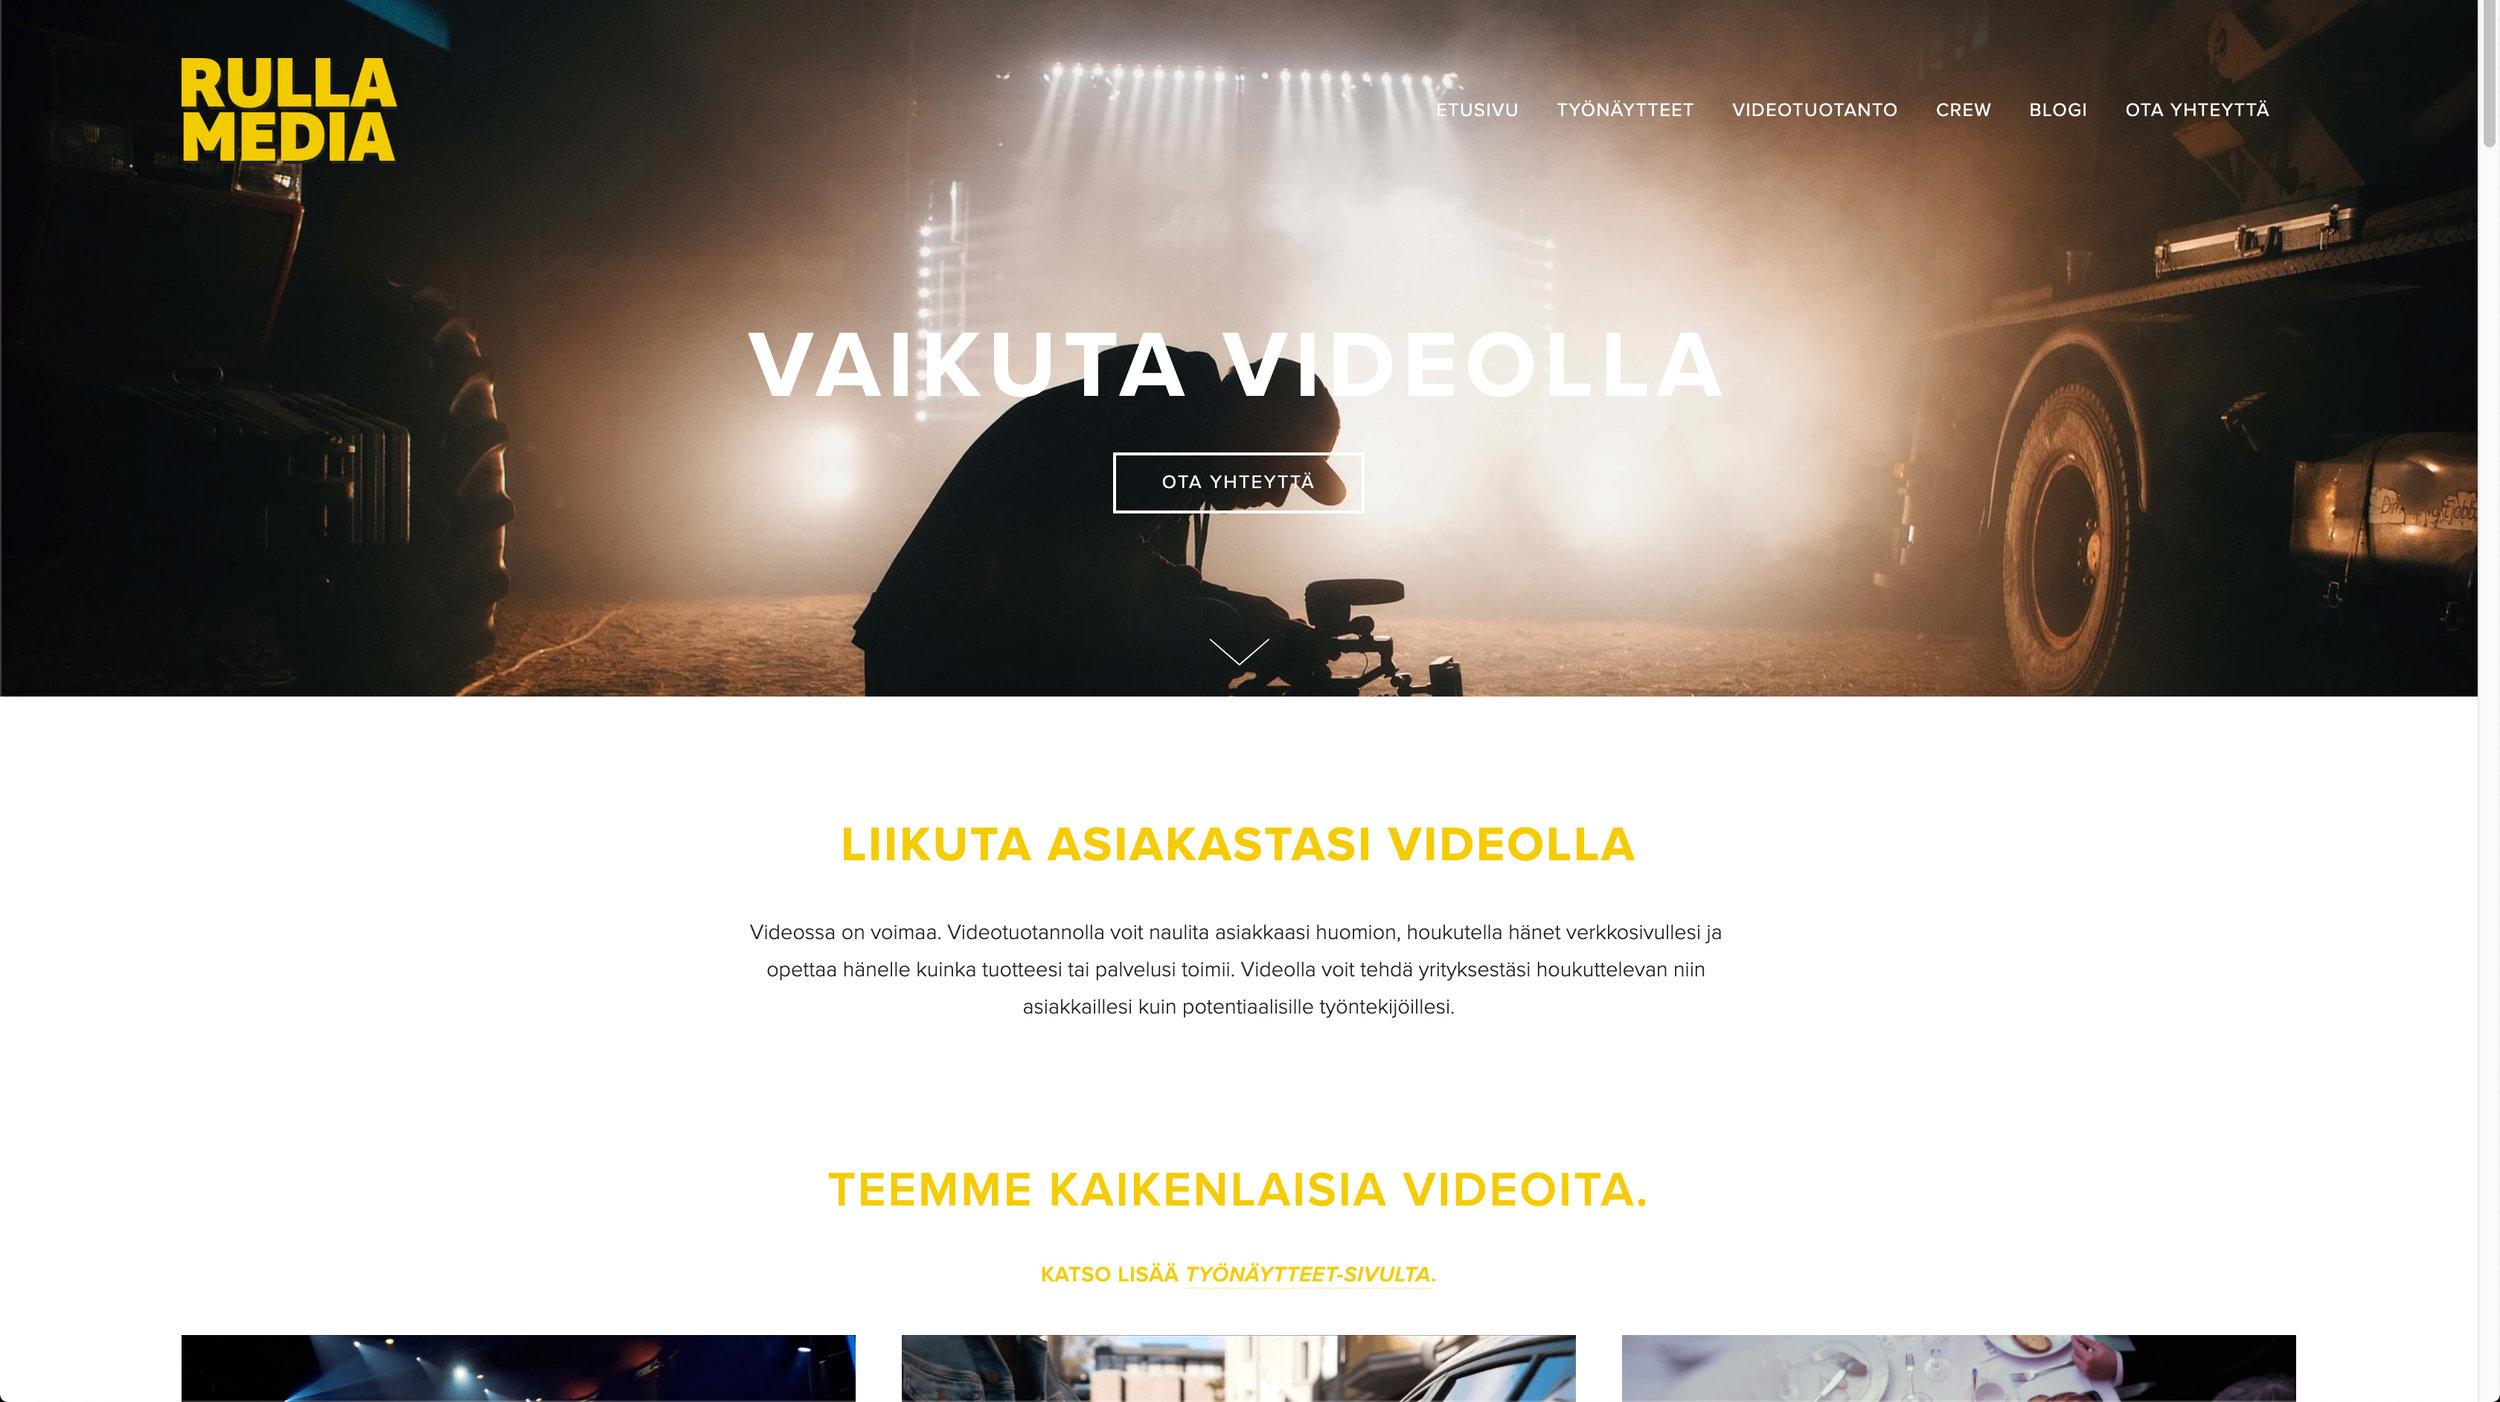 Multi-page nettisivu - Tein Rulla Medialle moniosaiset nettisivut. Näiltä sivuilta näet nopeasti ja halutessasi todella kattavasti, mitä teemme ja keitä olemme.